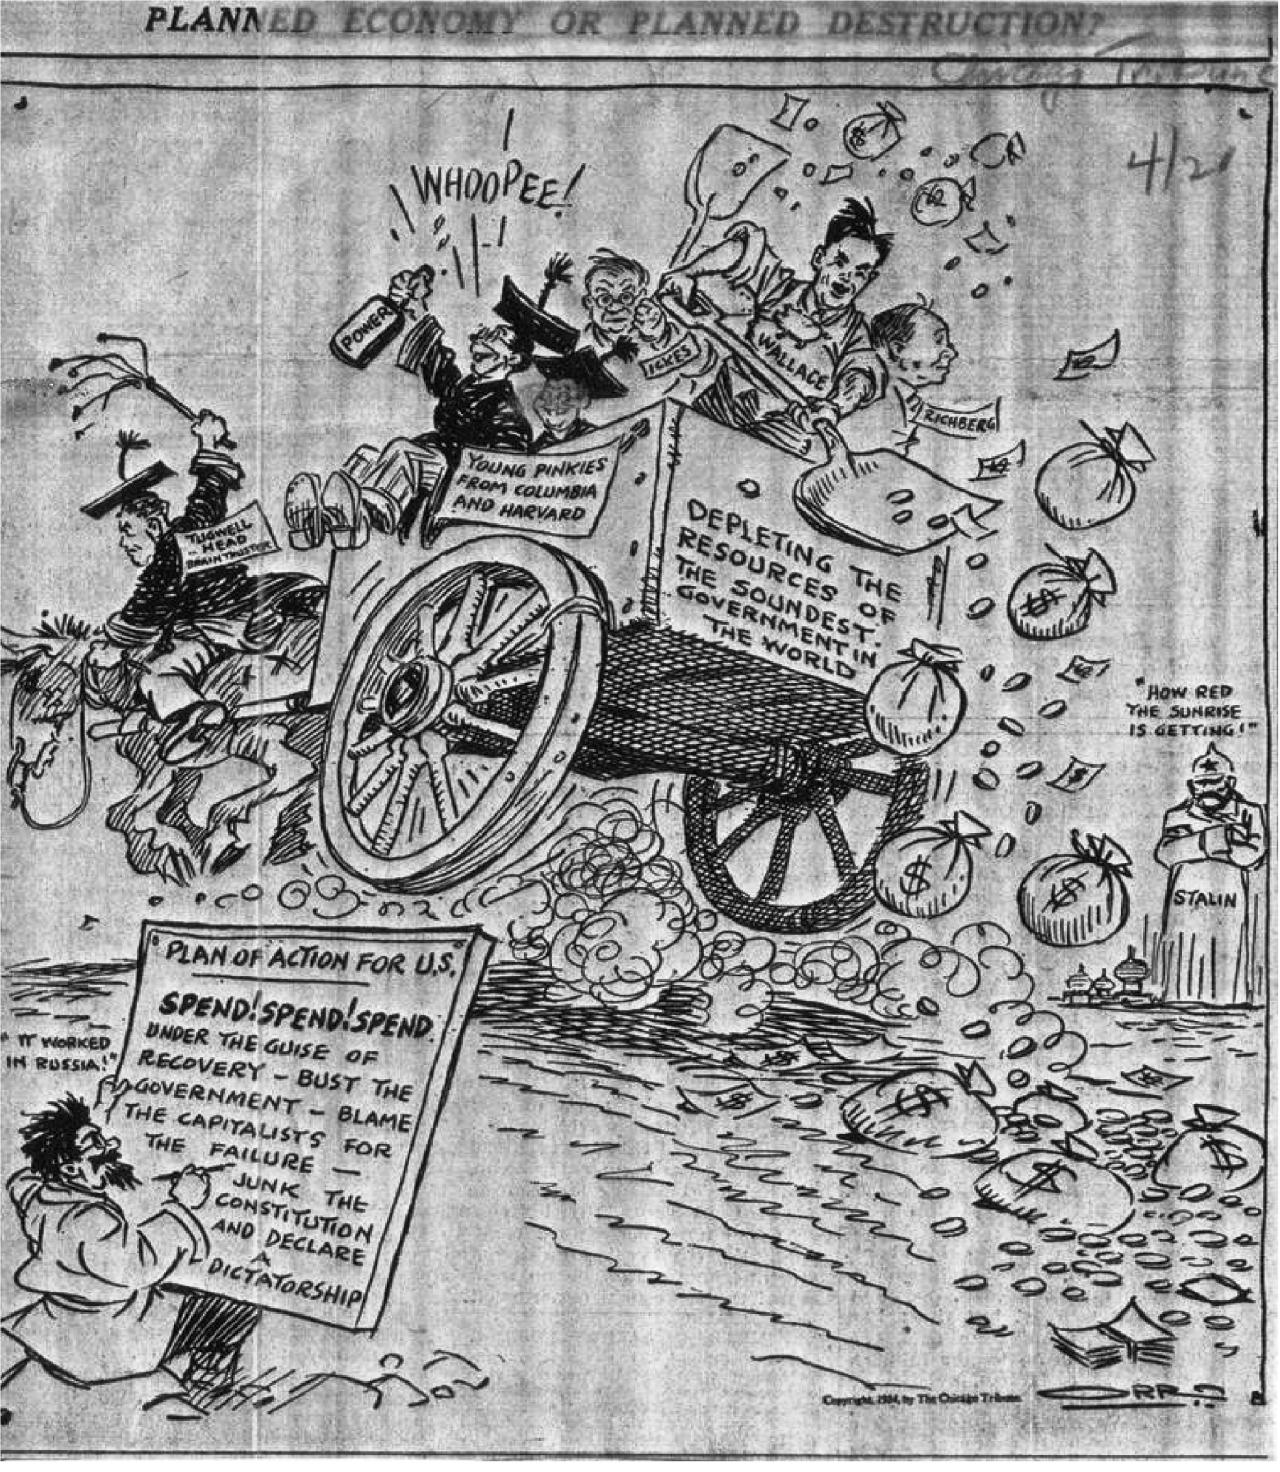 Εικόνα 1 Γελοιογραφία του 1934